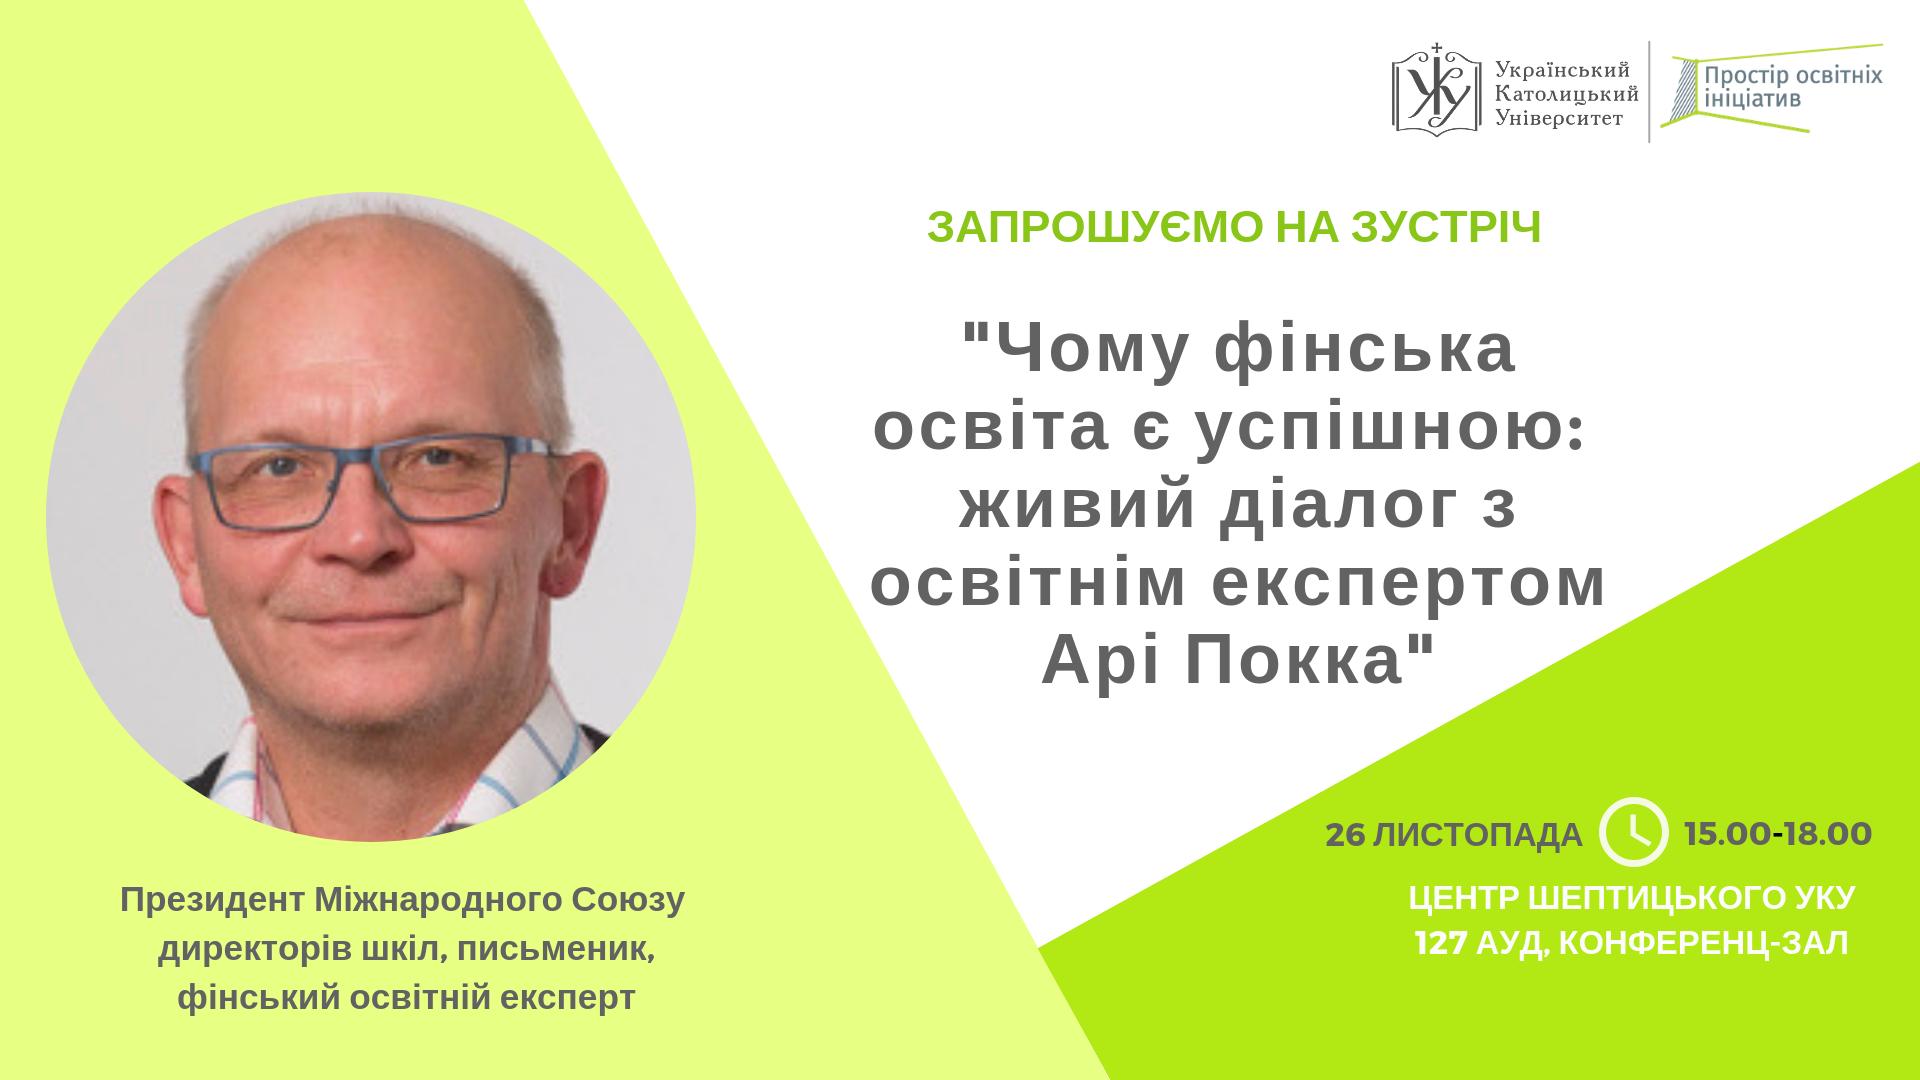 У Центрі Шептицького УКУ відбудеться зустріч з фінським освітнім експертом Арі Покка